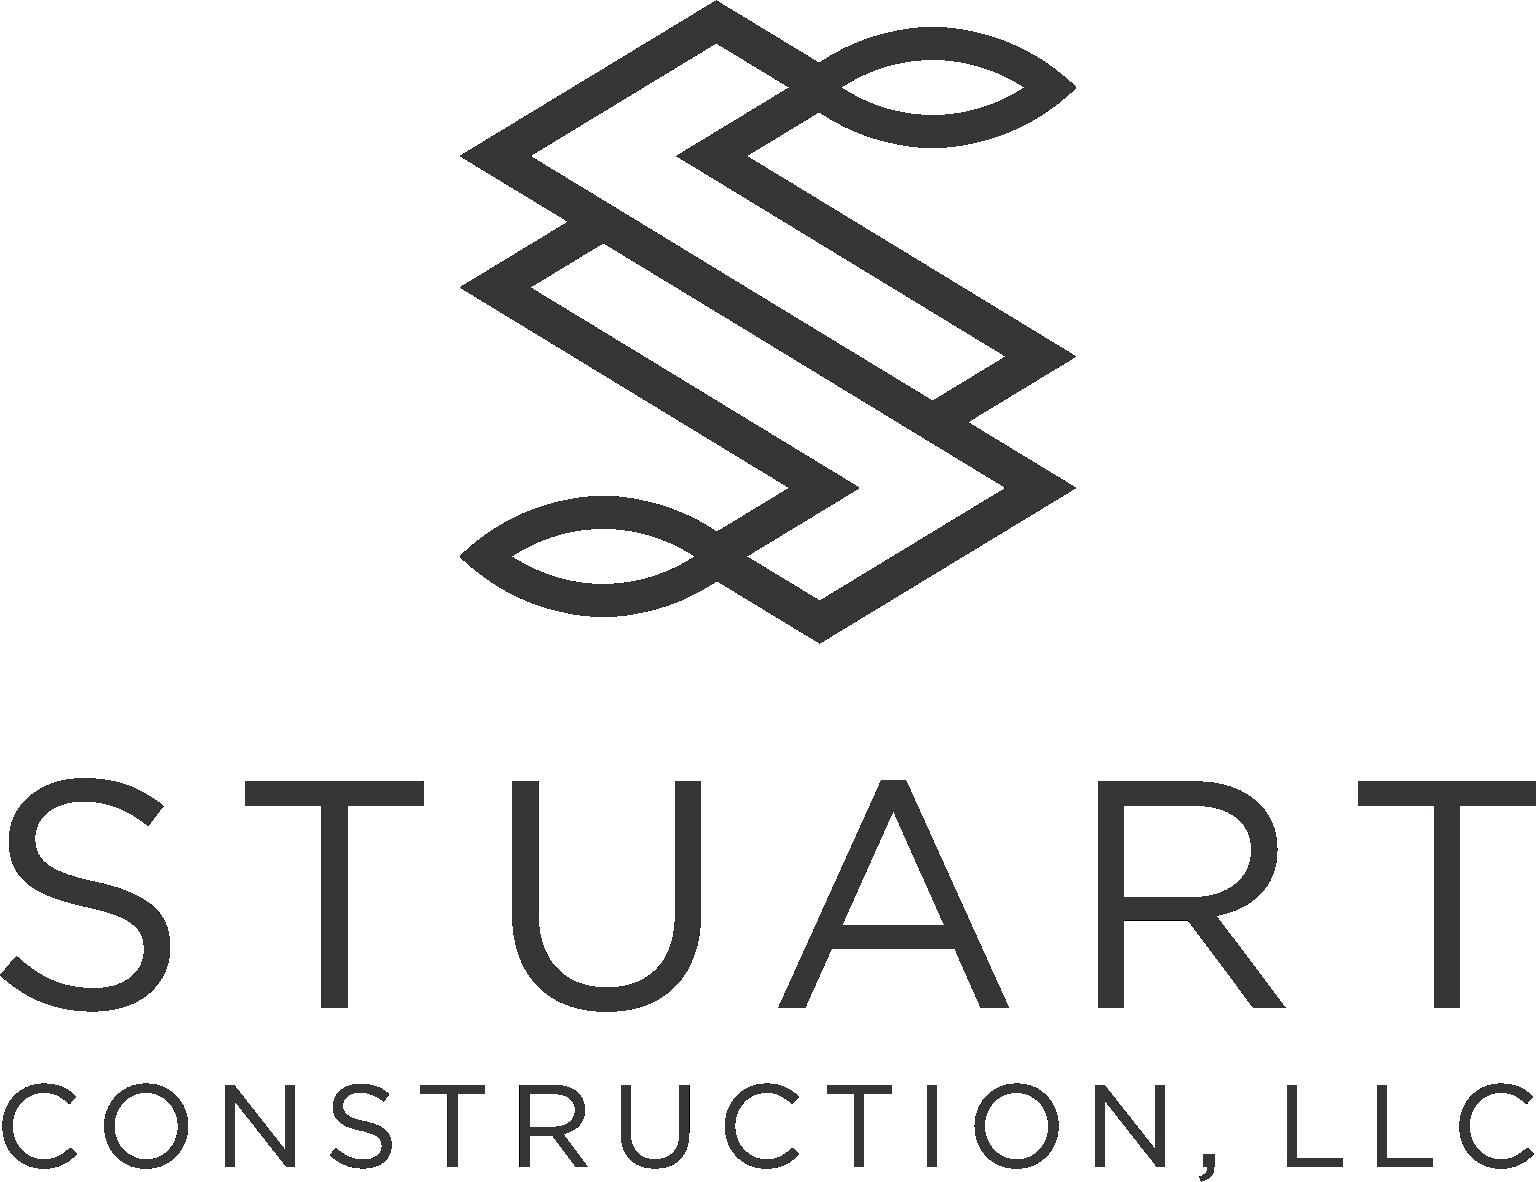 4th Generation Construction Company needs a hot new logo